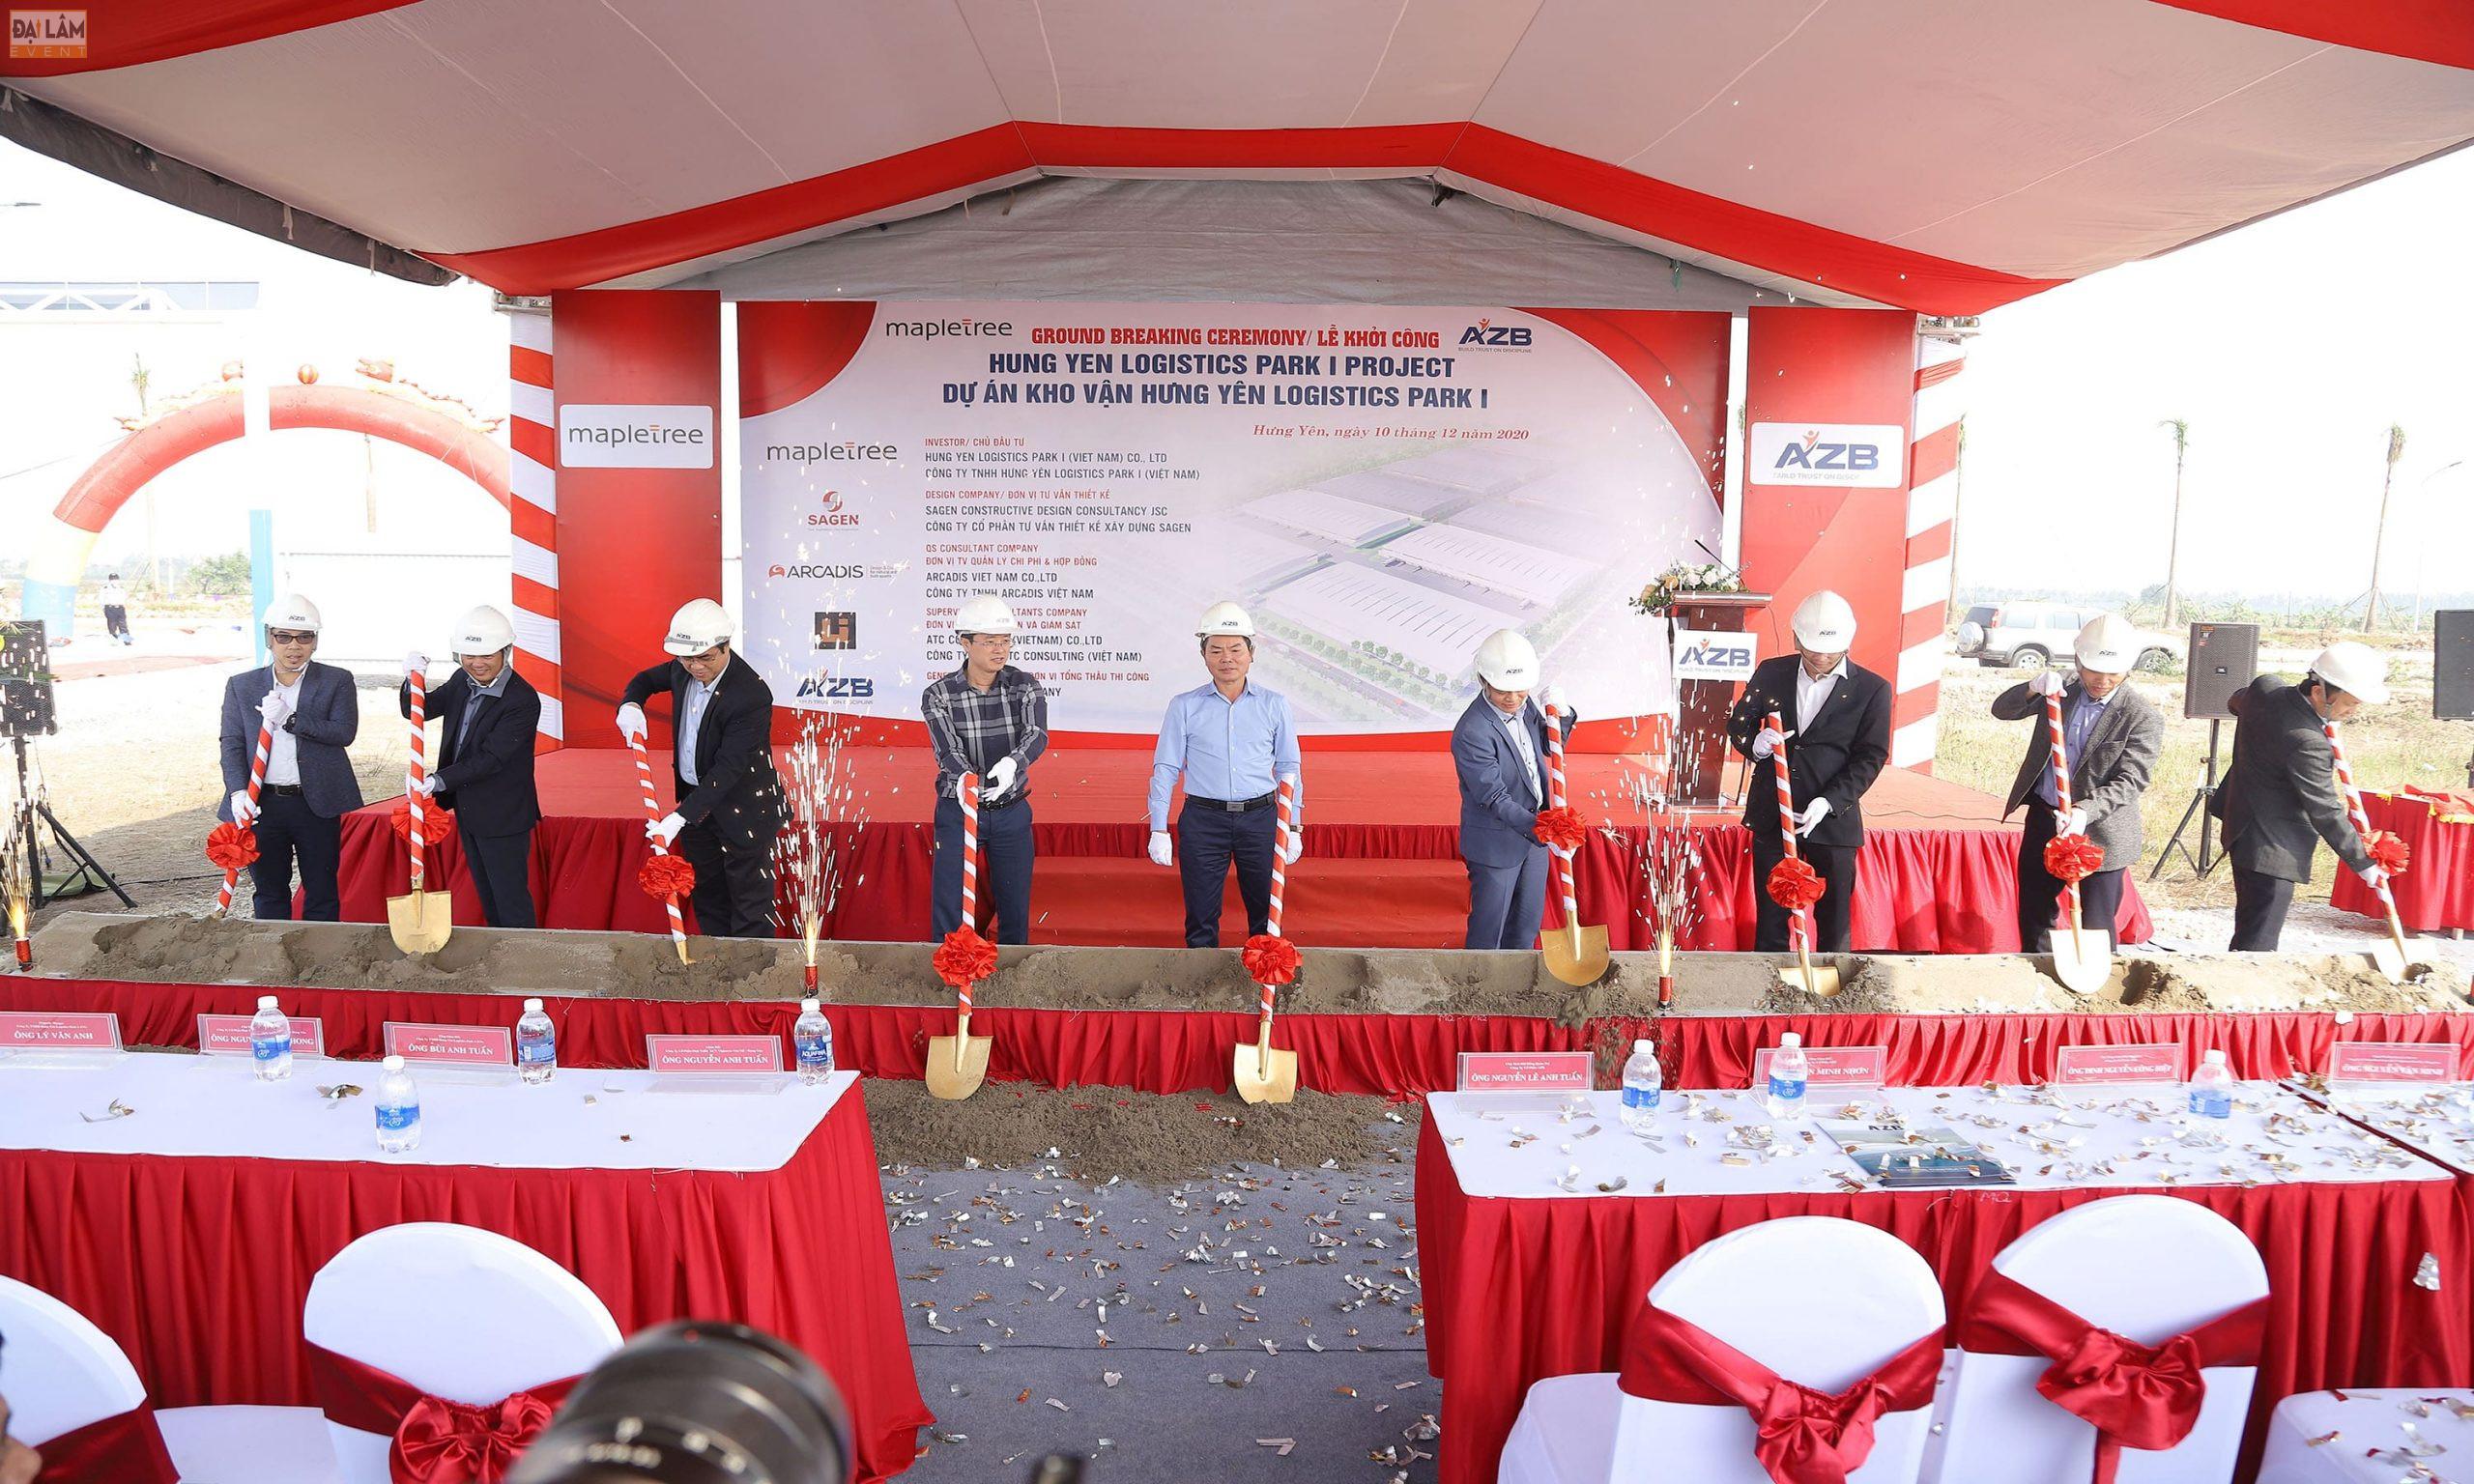 tổ chức lễ khởi công động thổ nhà máy điện gió